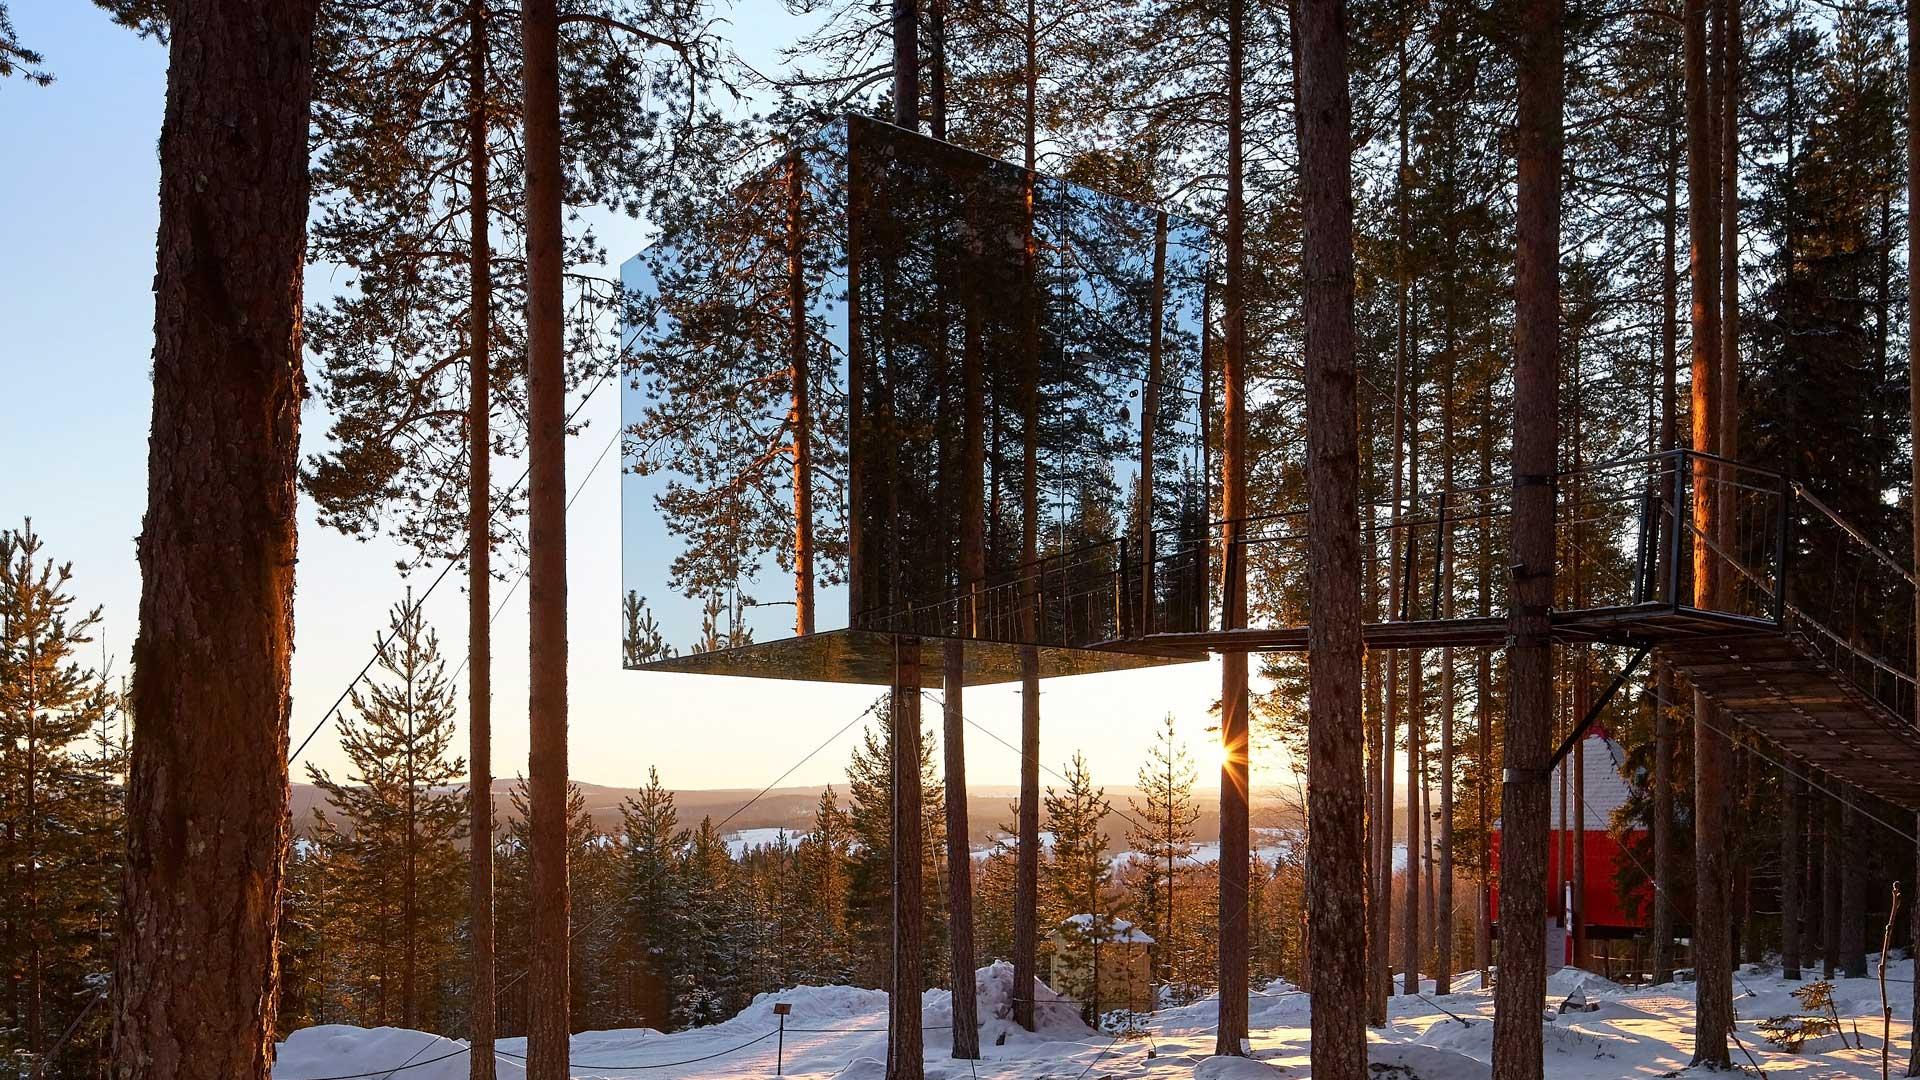 Ağaç Evlerde Konaklama Deneyimi